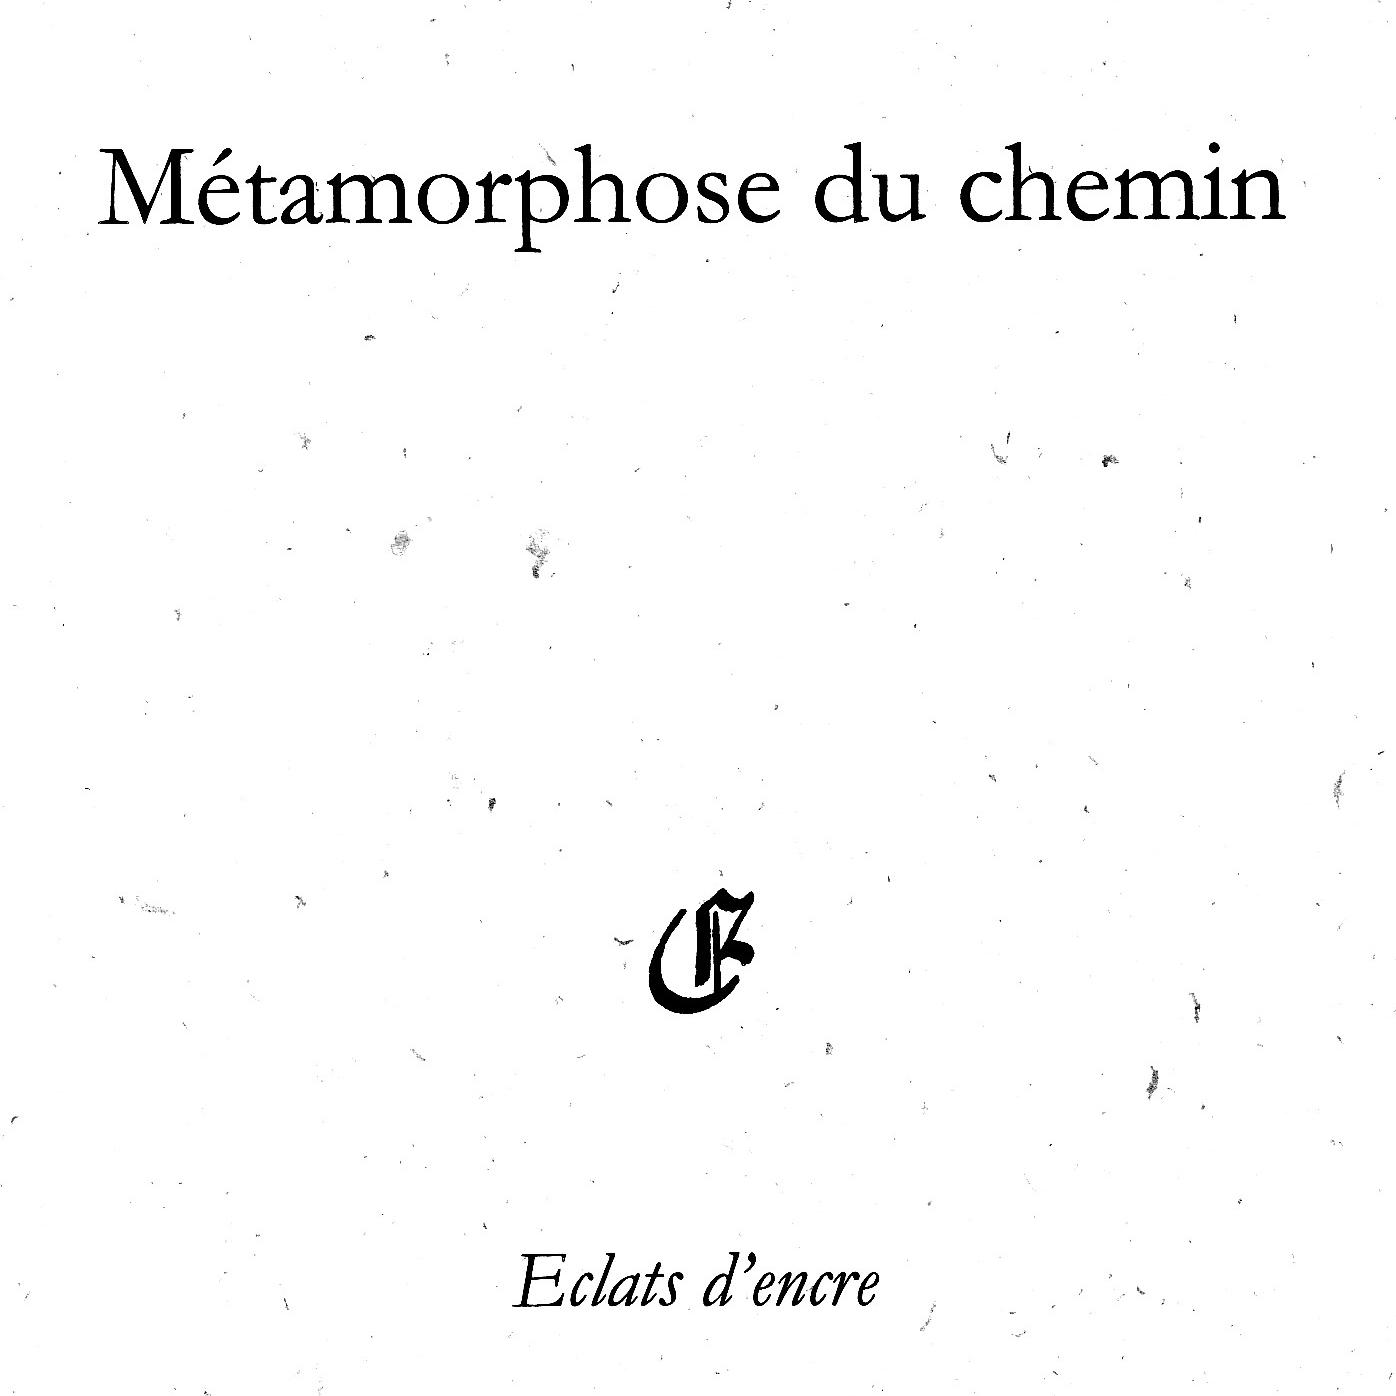 Métamorphose du chemin - 2014 - Editions Eclats d 'encre - 12 €